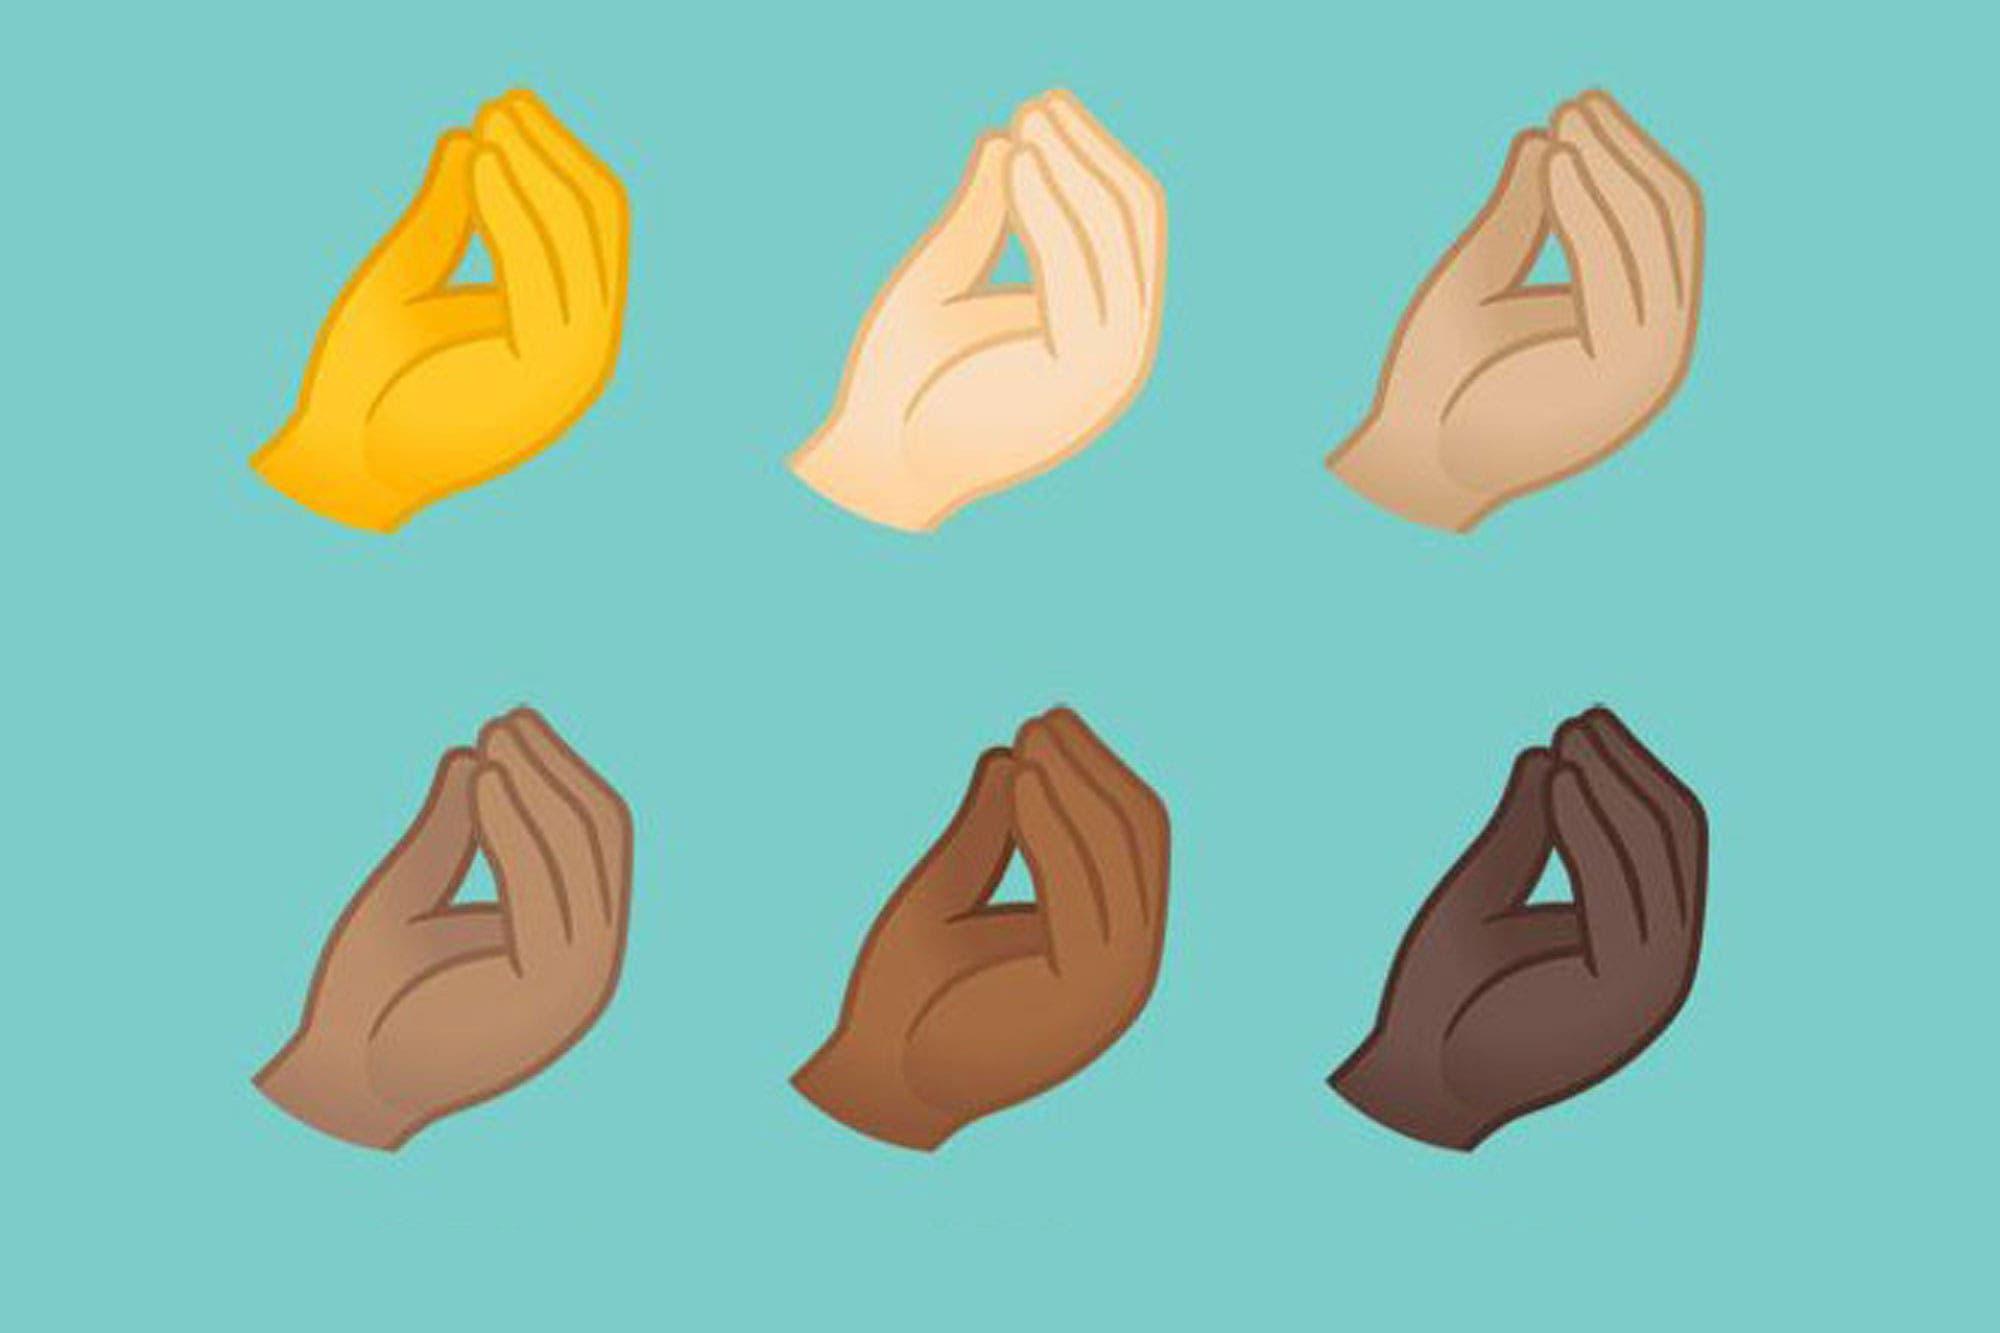 Montoncito: el emoji del gesto italiano ya está disponible en Android 11 de Google